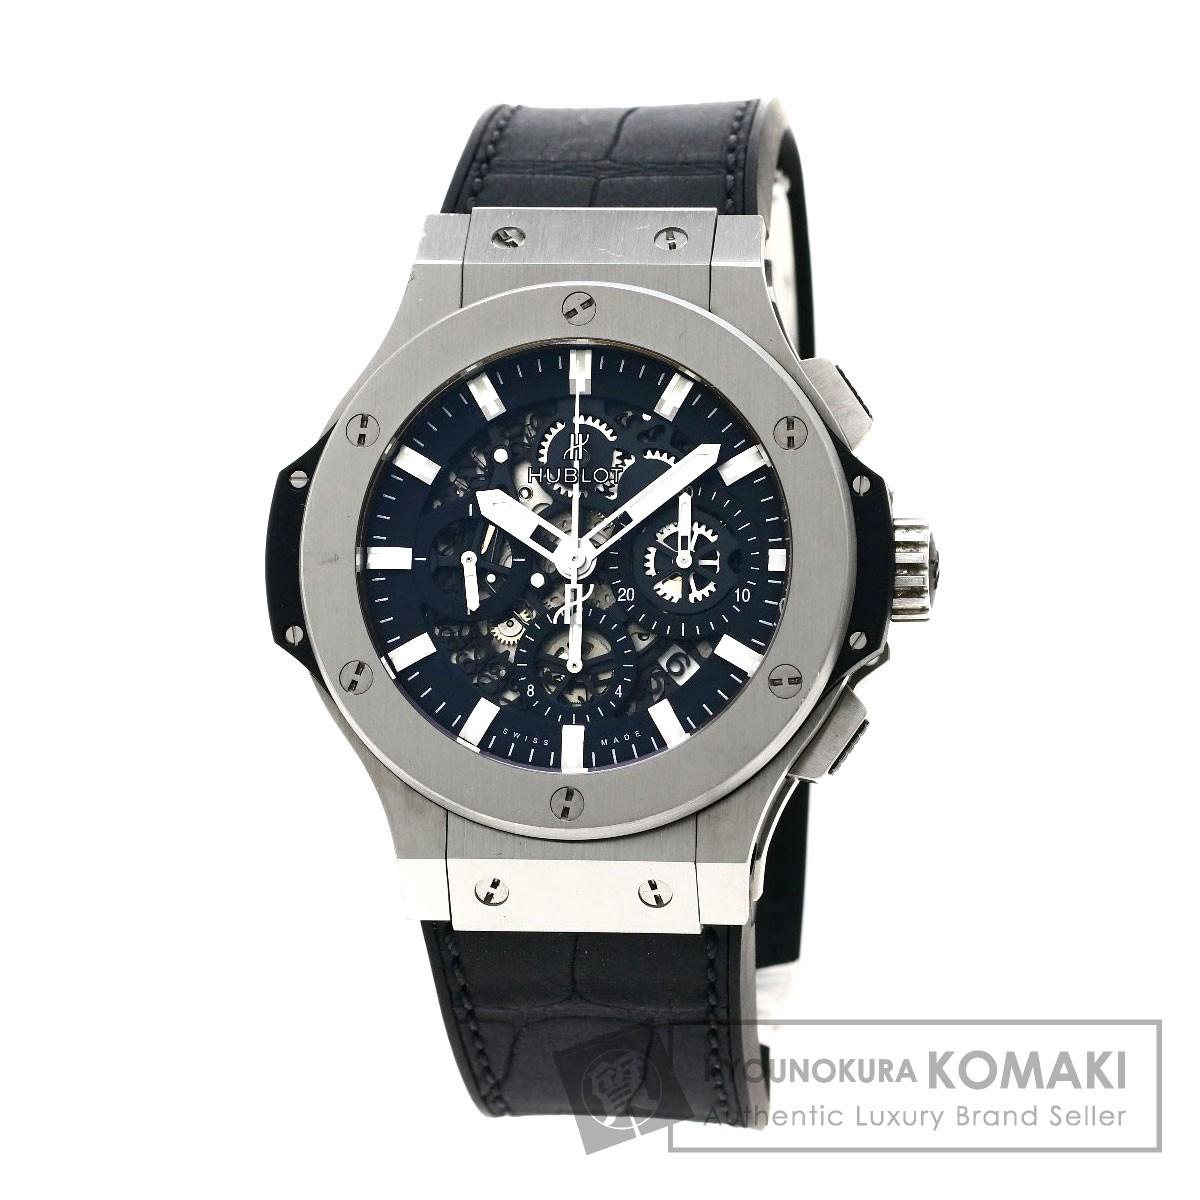 HUBLOT 311.SX.1170.GR ビッグバン アエロバン 腕時計 ステンレススチール/ラバー メンズ 【中古】【ウブロ】